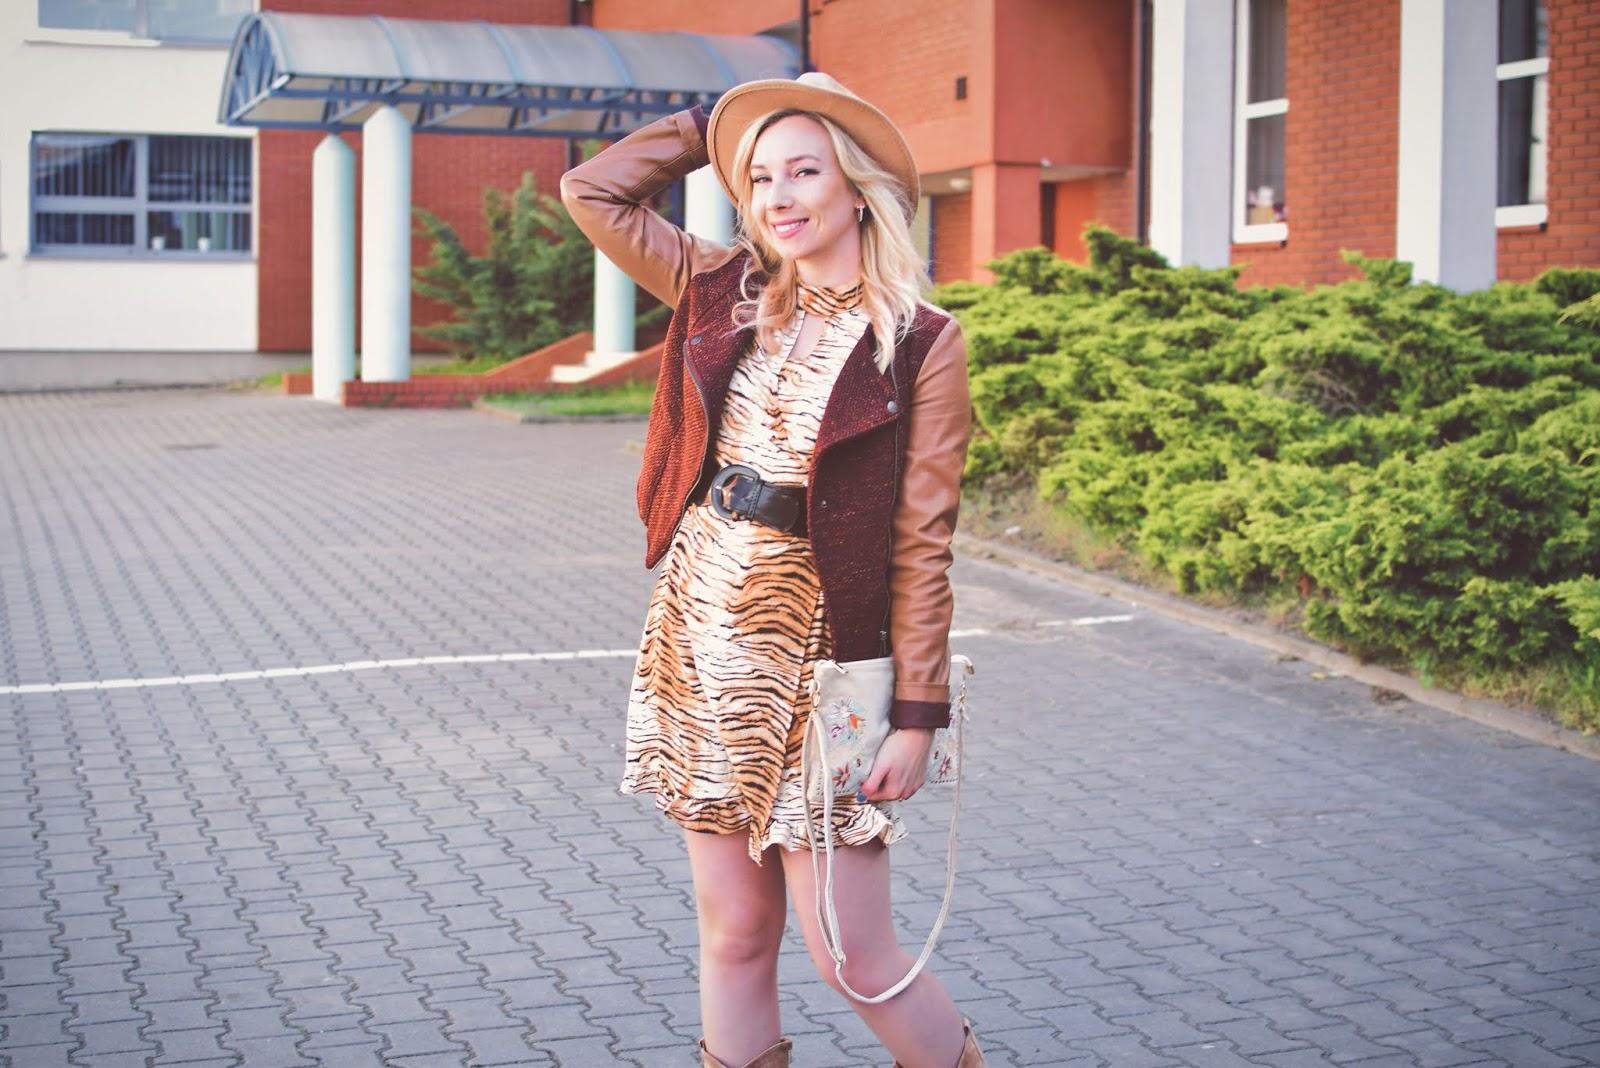 bonprix, bonprix.pl, moda, wiosna, kowbojki, kozaki, czasnabuty.pl, sukienka, tygrys, kolczyki, biżuteriapiotrowski, kapelusz, torebka, szaleo, kurtka, Butik,